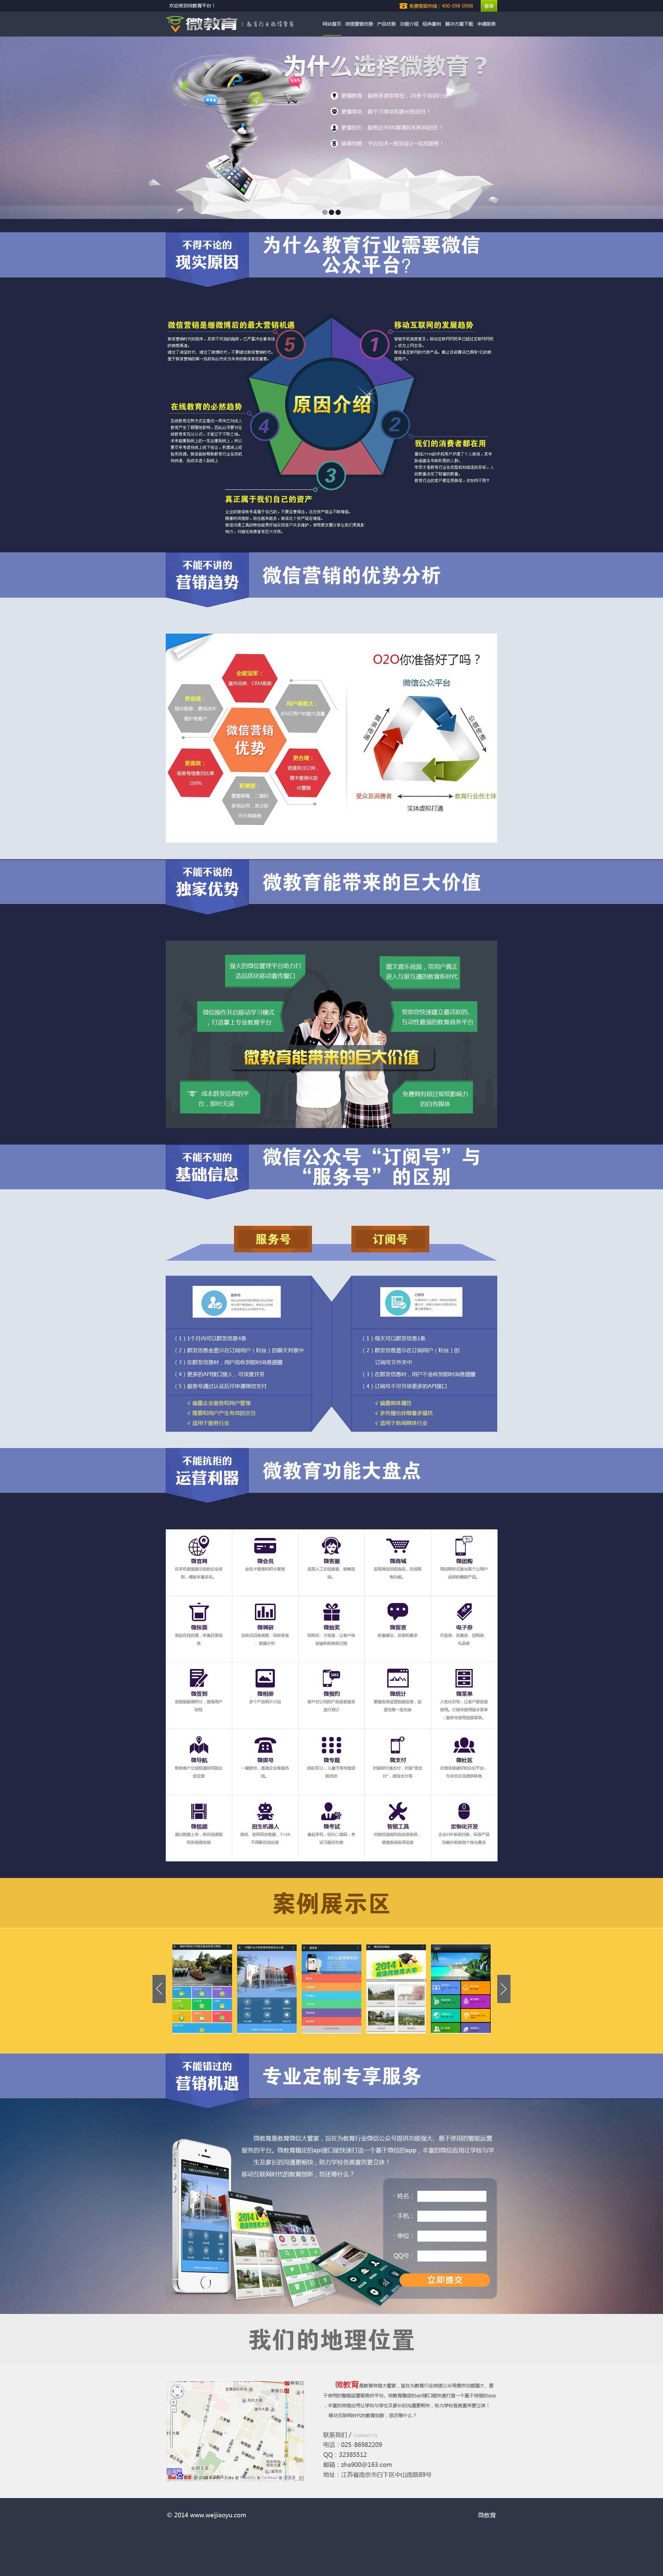 通用的微信教育专题页面模板psd下载